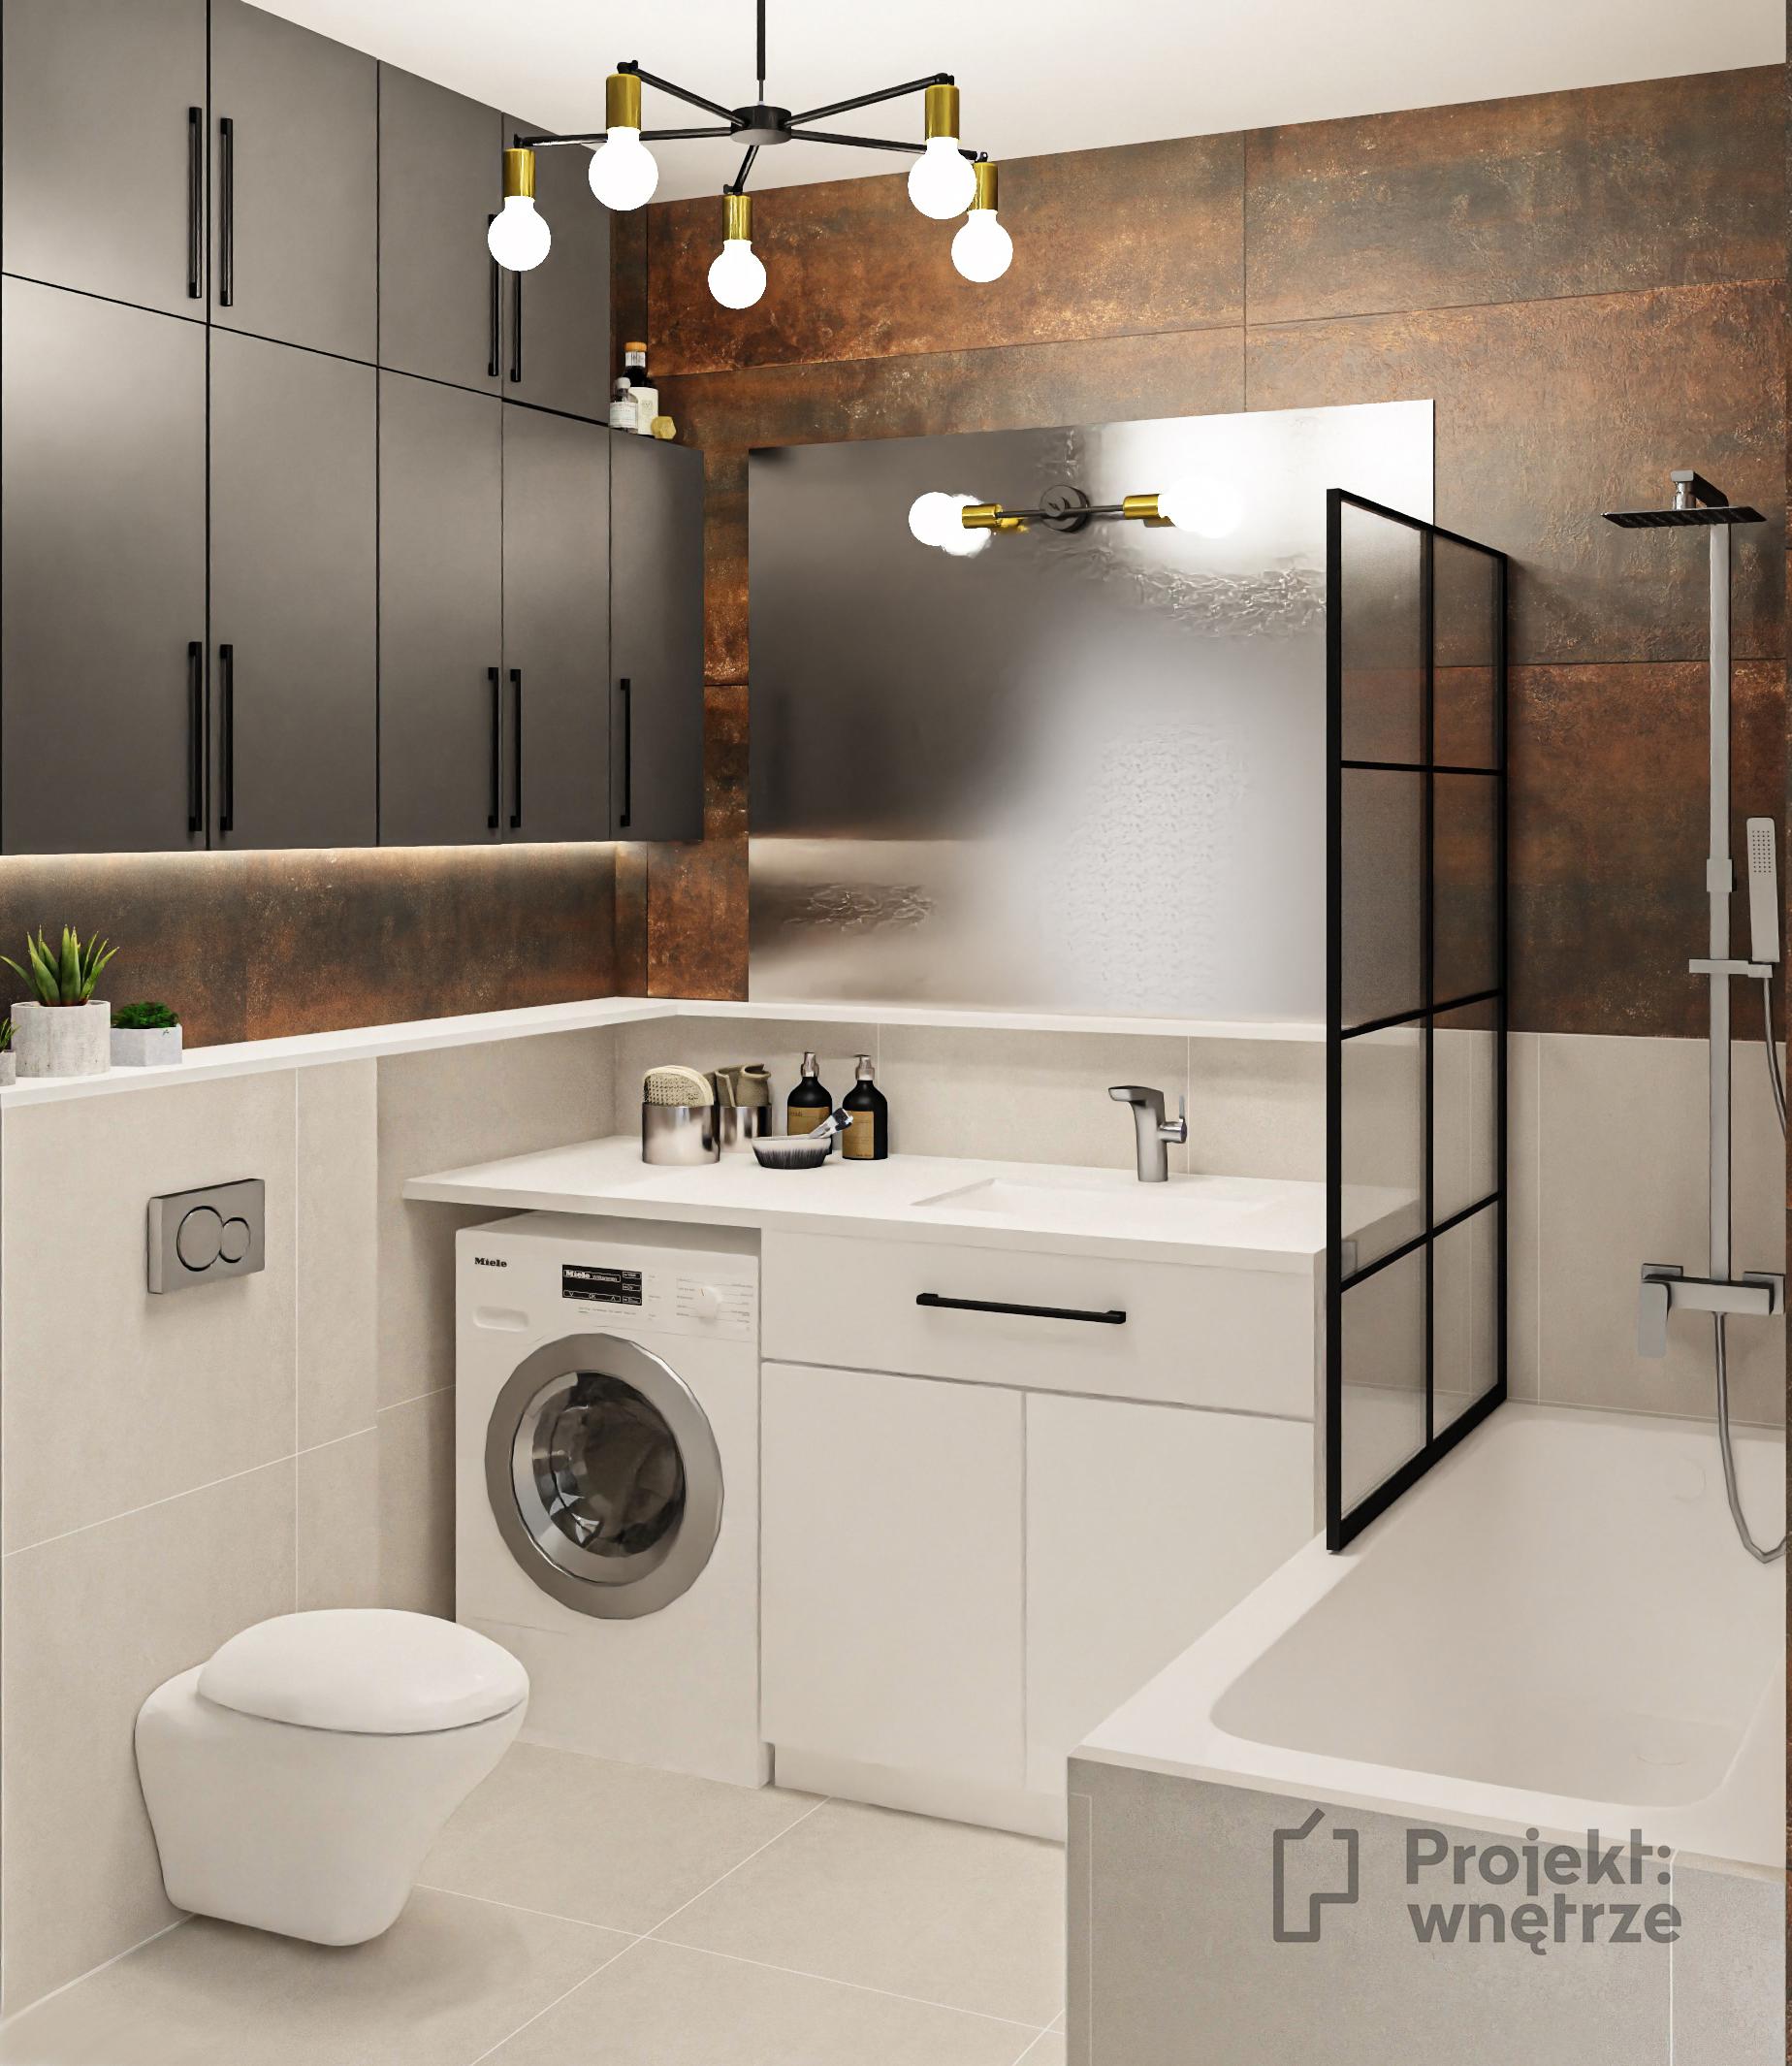 Łazienka loft - projekt łazienki w stylu loftowym, płytki miedziane i białe, szara i biała zabudowa, lampy Nowodvorski, parawan prysznicowy czarny - Projektowanie wnętrz PROJEKT WNĘTRZE www.projektwnetrze.com.pl